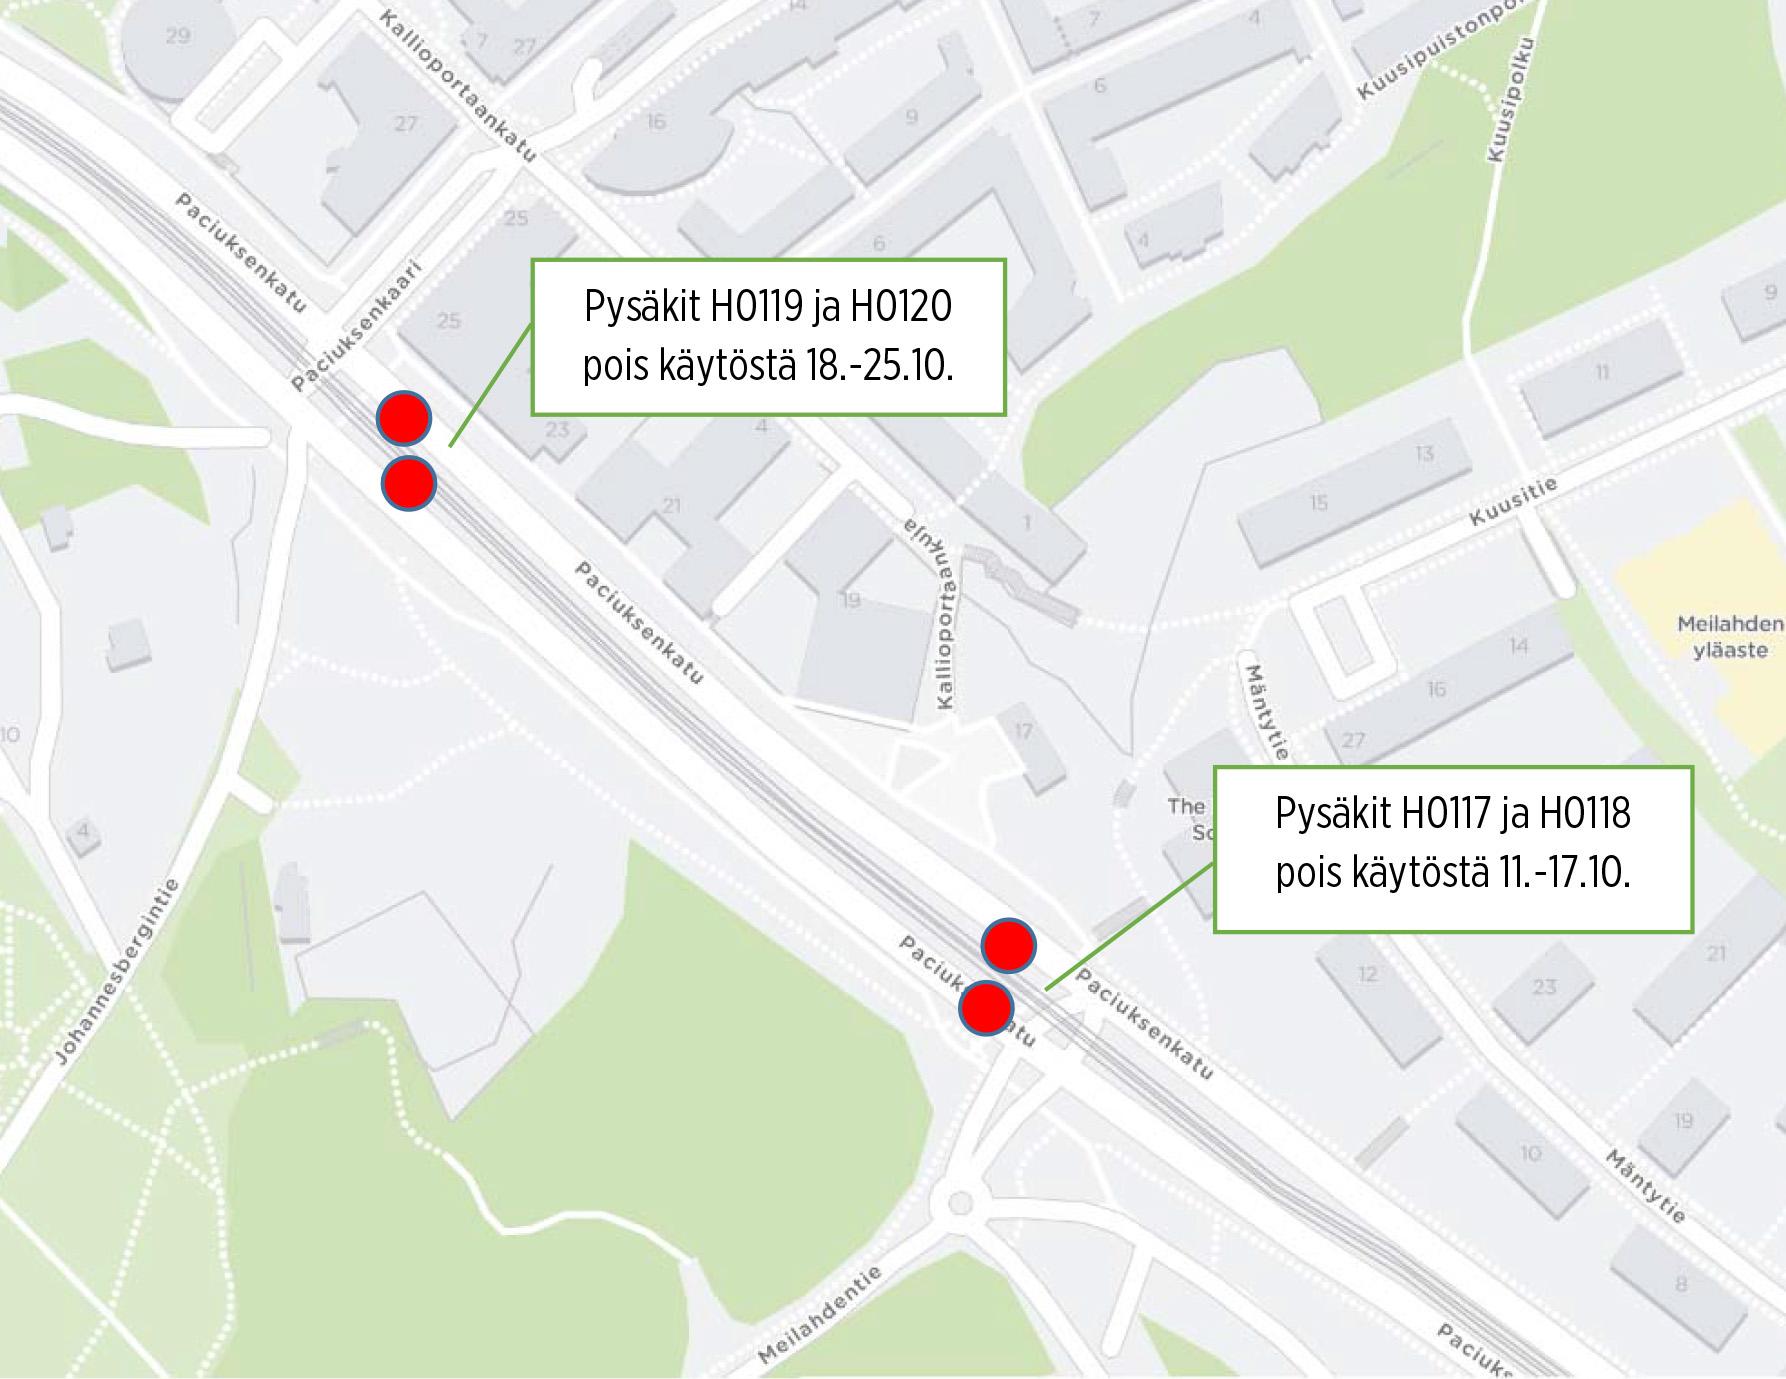 Meilahdessa raitiolinjan 4 pysäkkejä poissa käytöstä 11.-25.10.   HSL